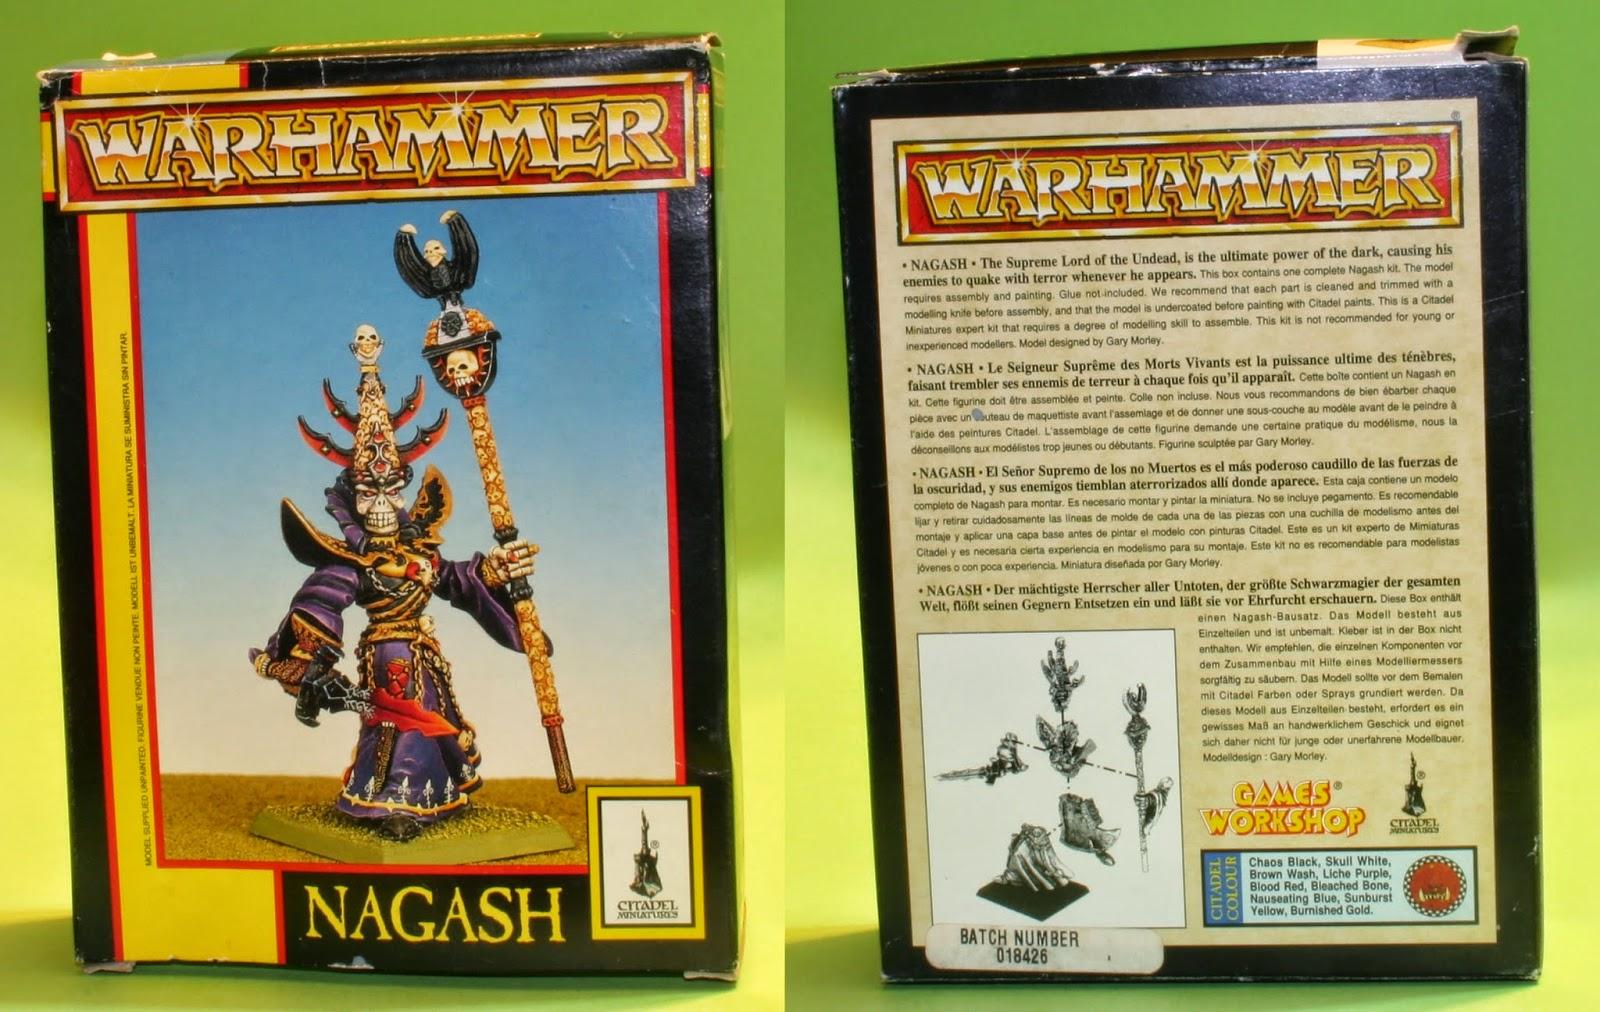 Caja de Nagash